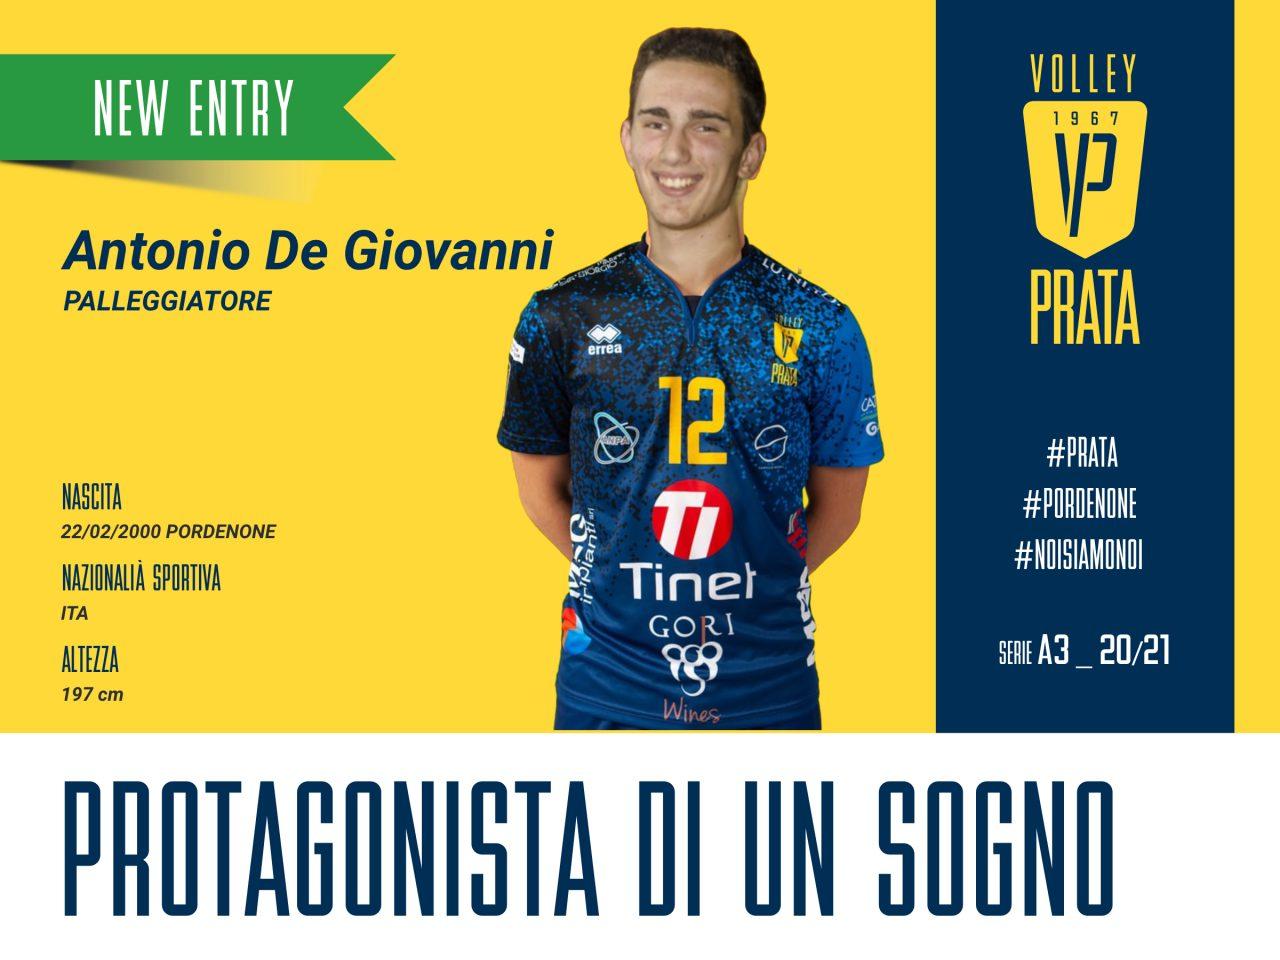 Annuncio-De-Giovanni-corretto-1280x960.jpg